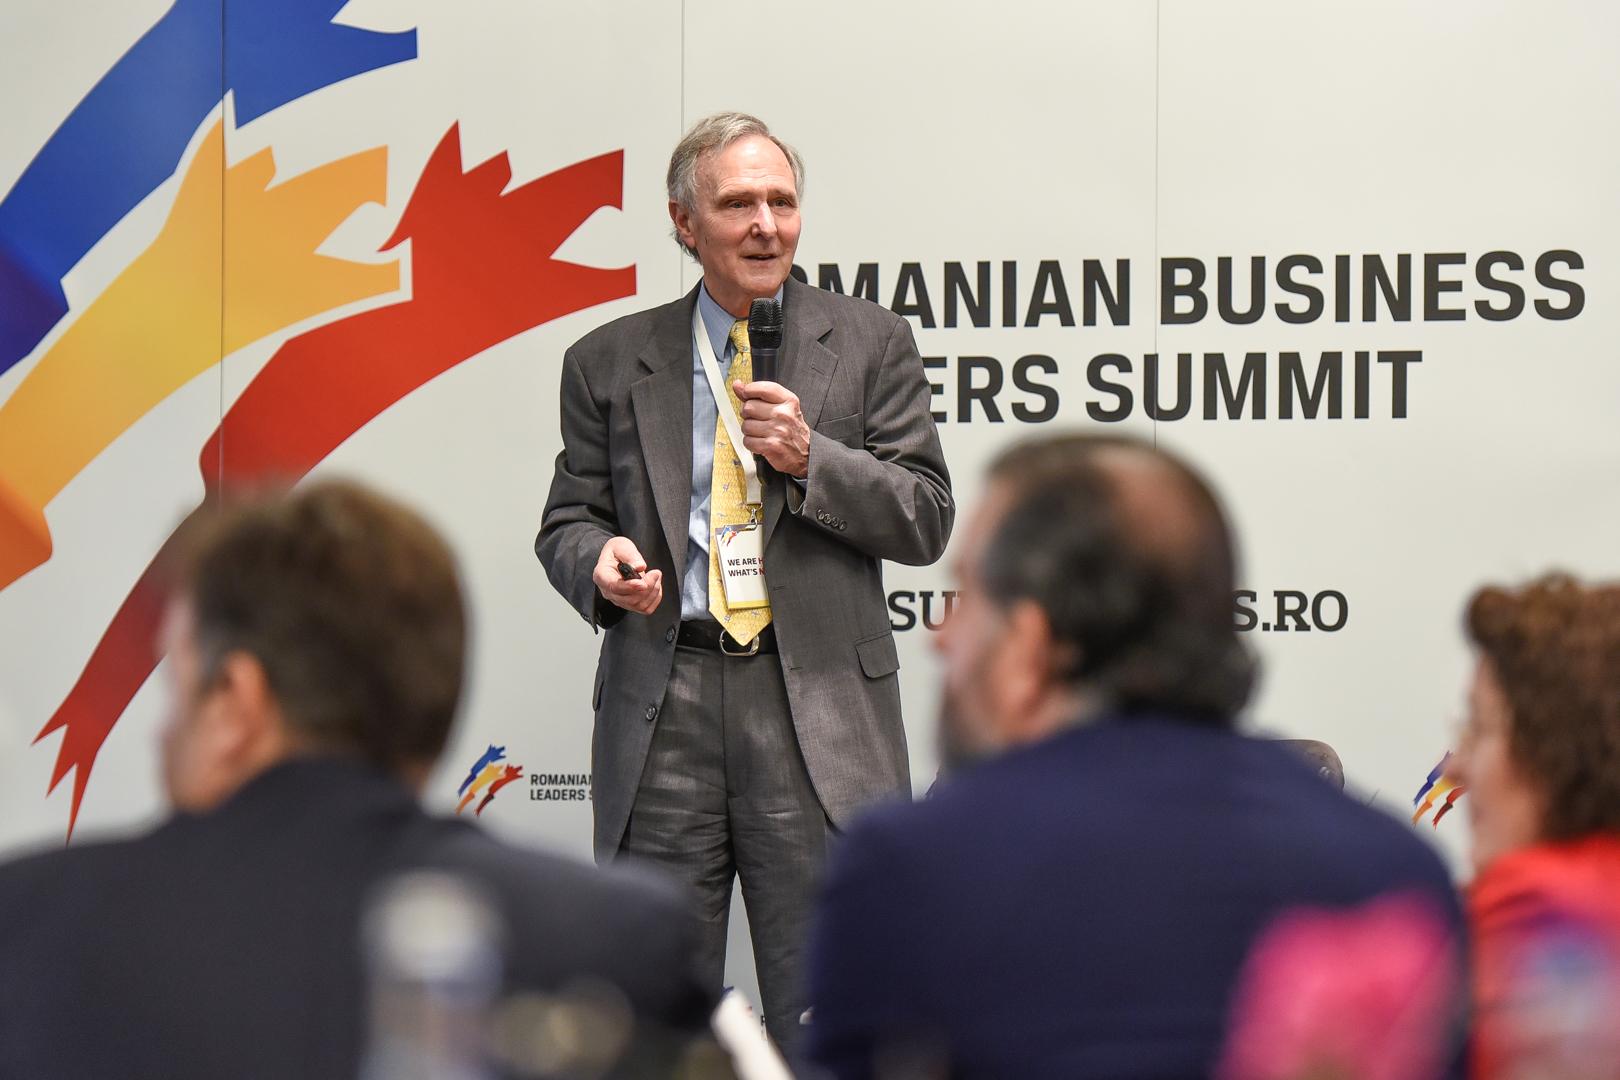 Eric A. Hanushek: Salariile românilor vor crește anual cu 15%, la 15 ani după ce România egalează rezultatele Slovaciei la testele PISA